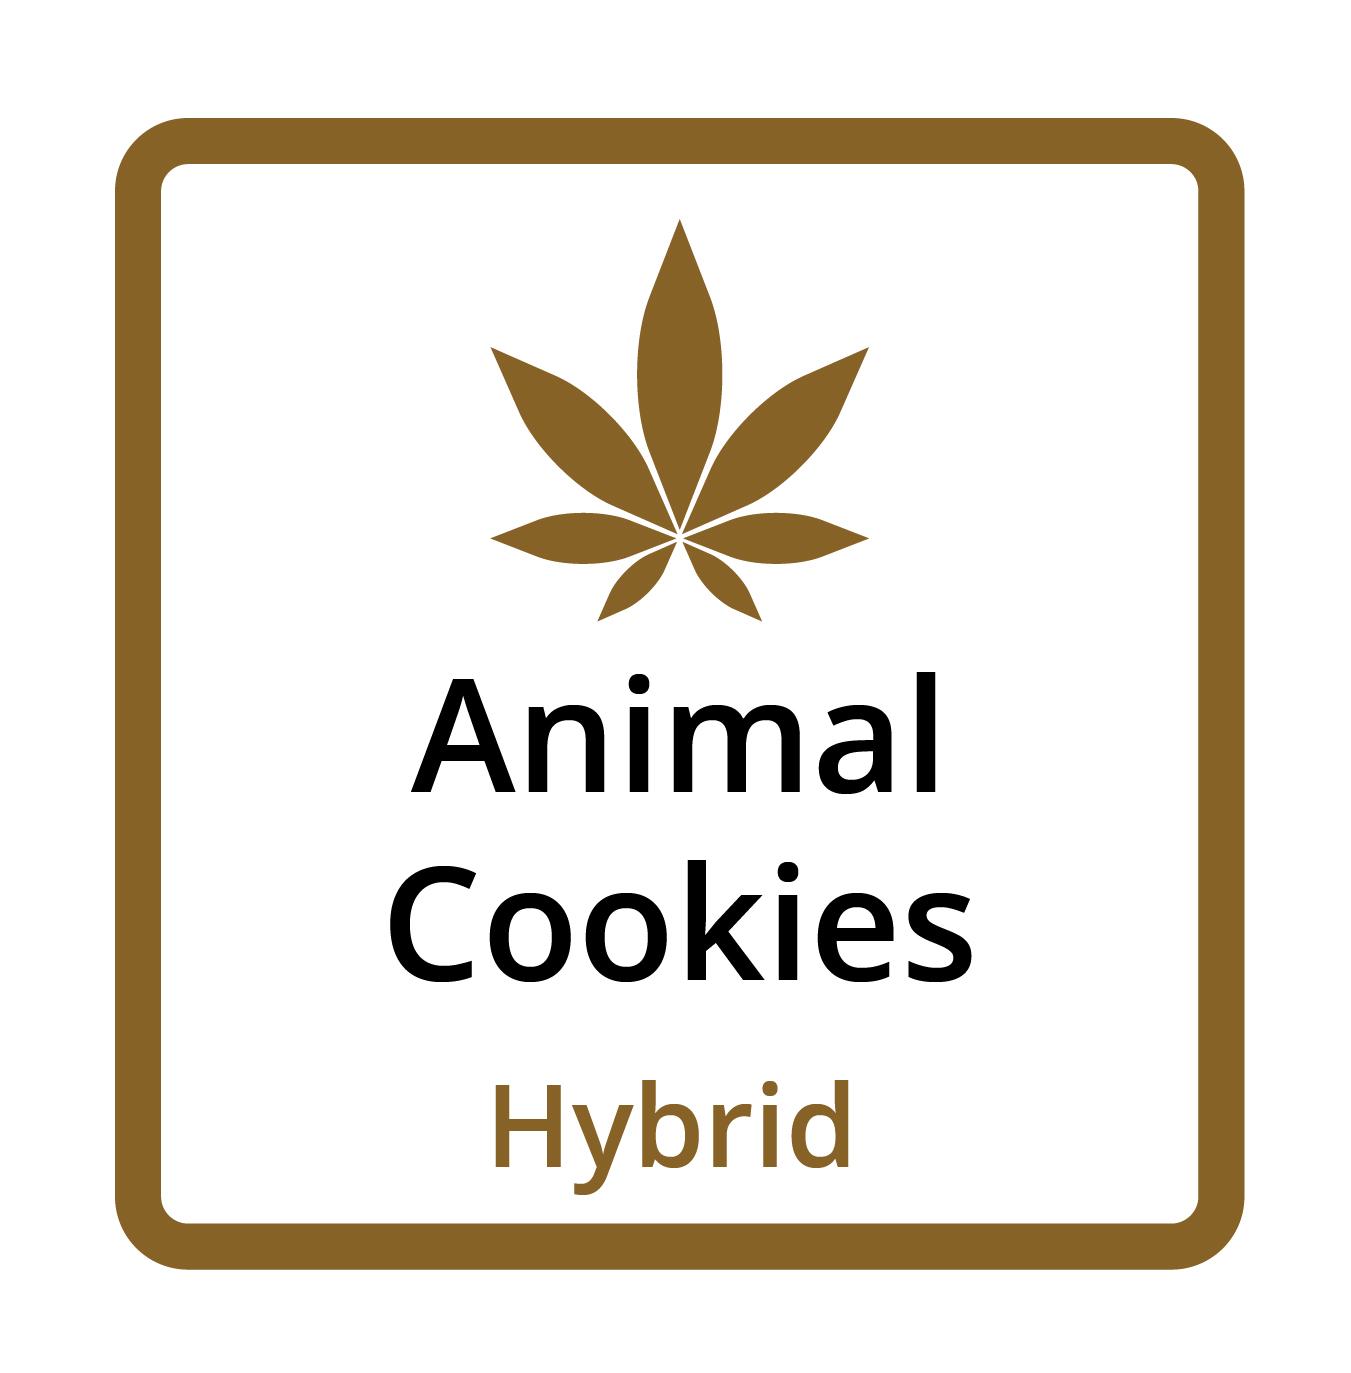 Animal Cookies (Hybrid)